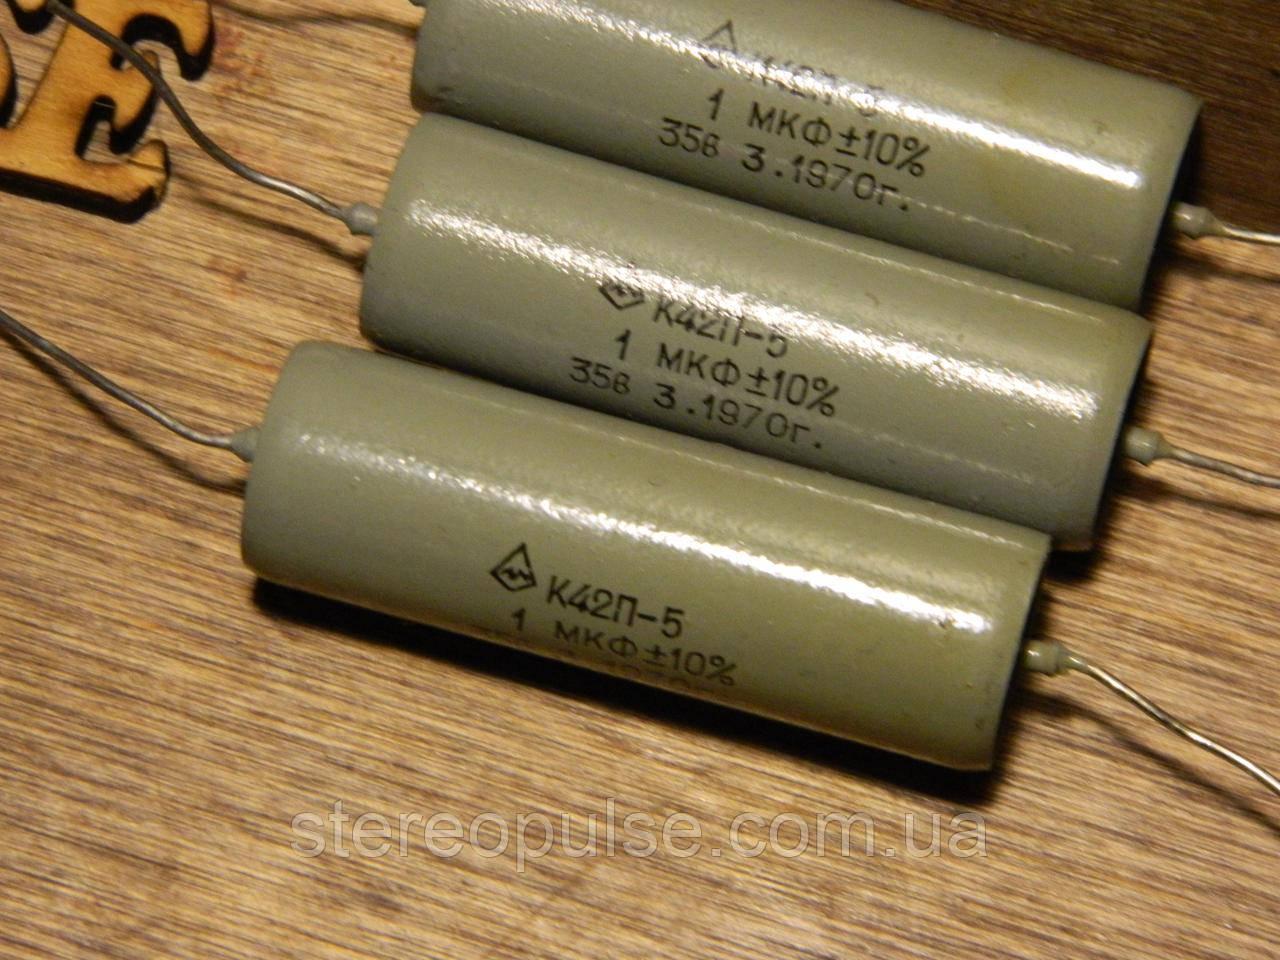 Конденсатор   К42П-5     1 мкФ-35 В  10%